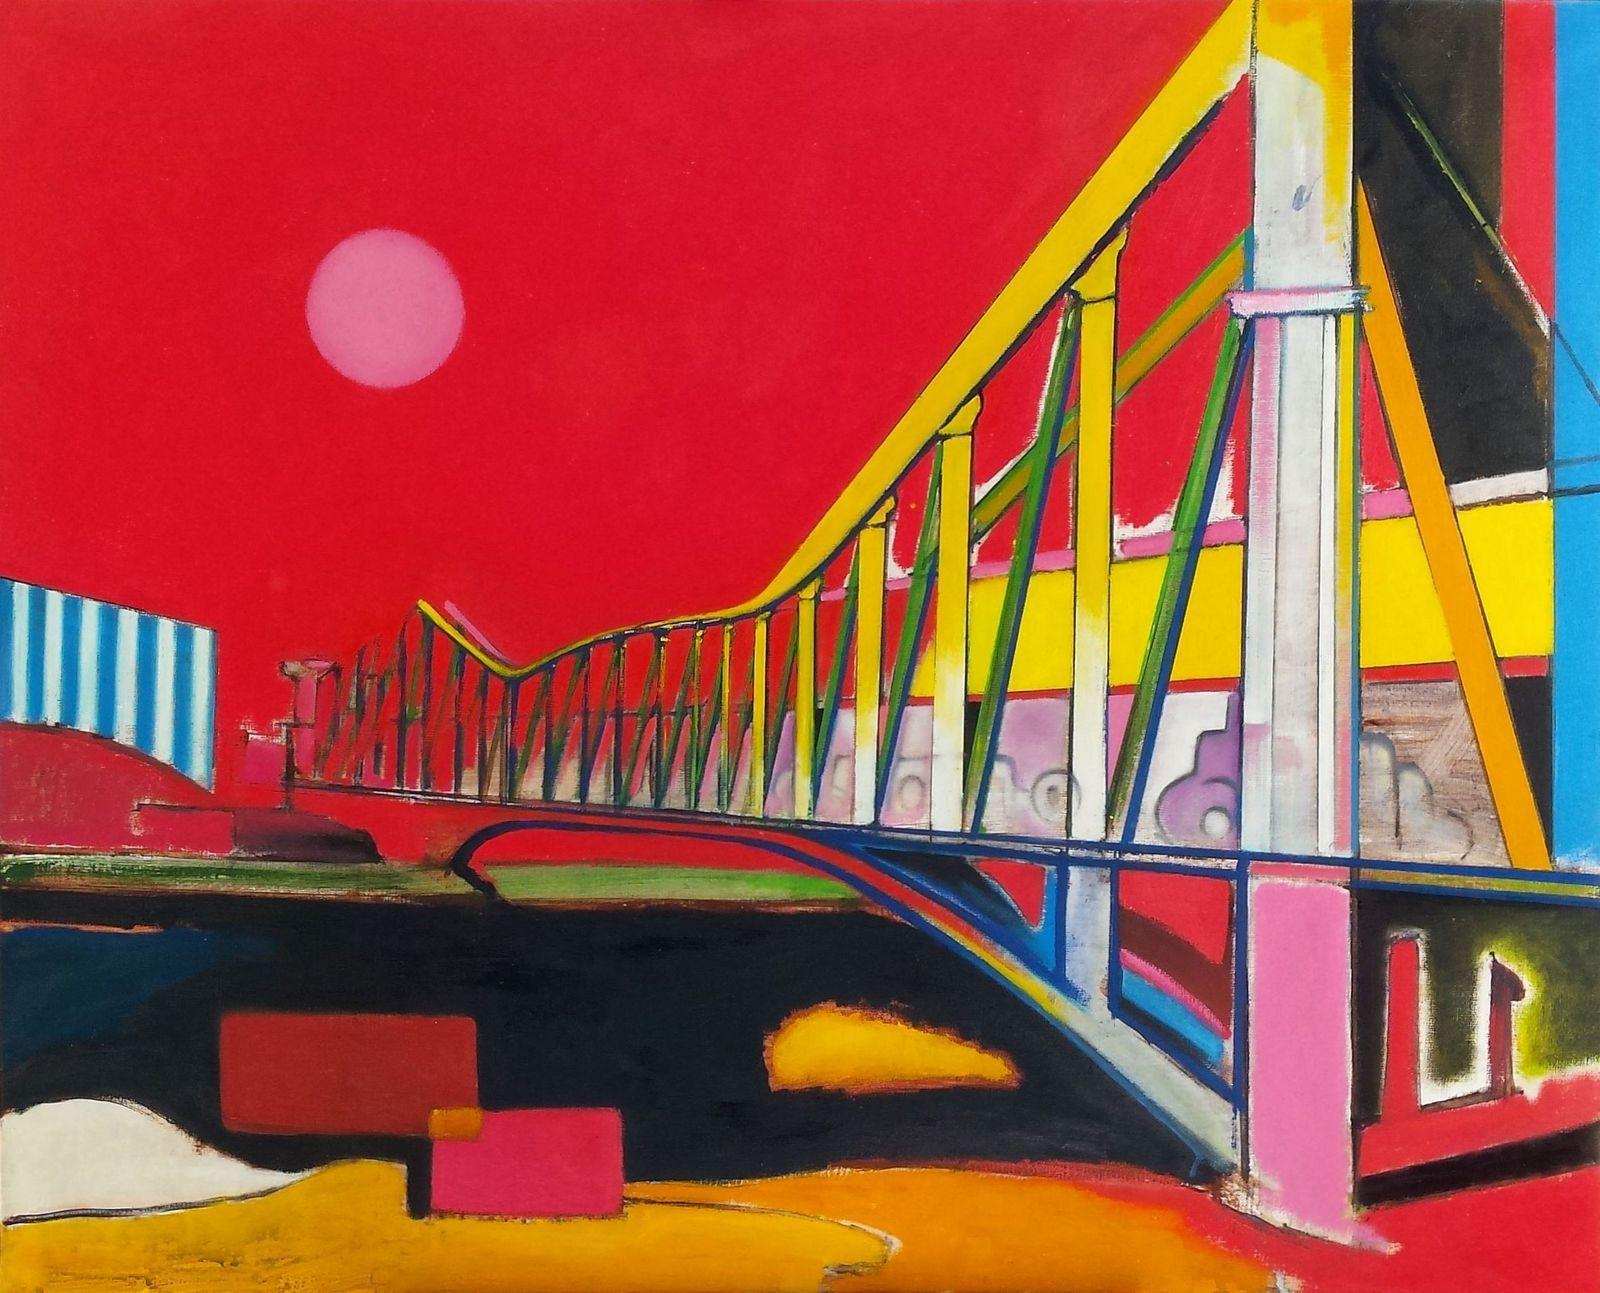 pascal buffard peintre, painting lac daumesnil bois de vincennes, Charenton pont aux cables Ivry